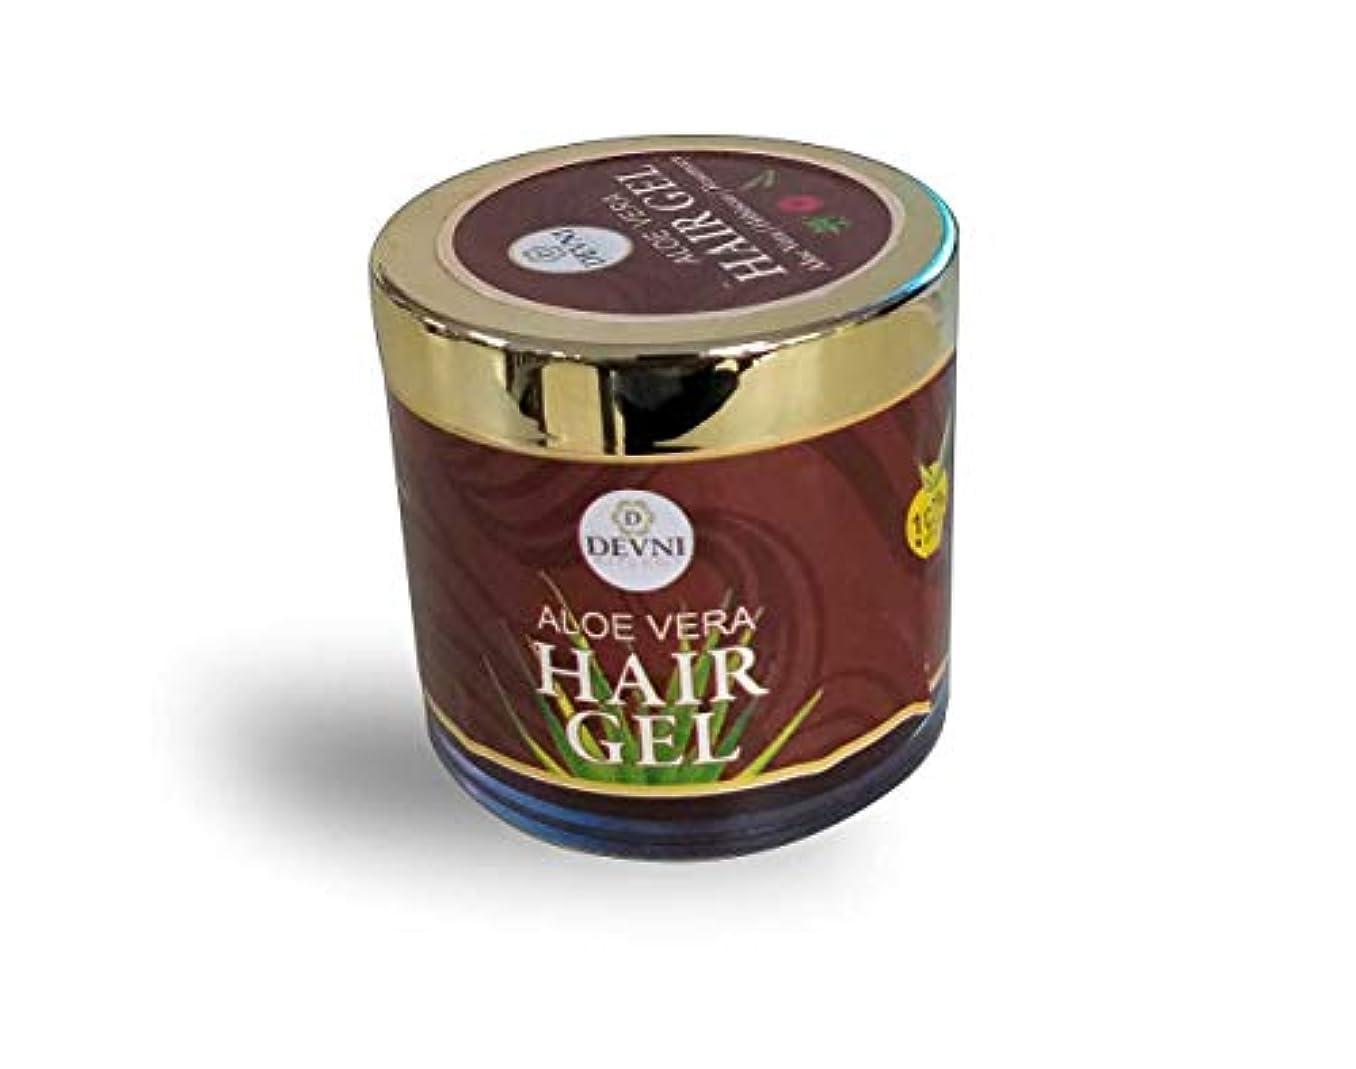 研究所新聞ベールAloe Vera Hair Gel 100 gm - 100% natural Hair Gel for stronger Hair Growth - Promotes Scalp Health & Anti Hair fall - アロエベラヘアジェル100グラム-強力な発毛のための100%天然ヘアジェル-頭皮の健康とアンチヘアフォールを促進